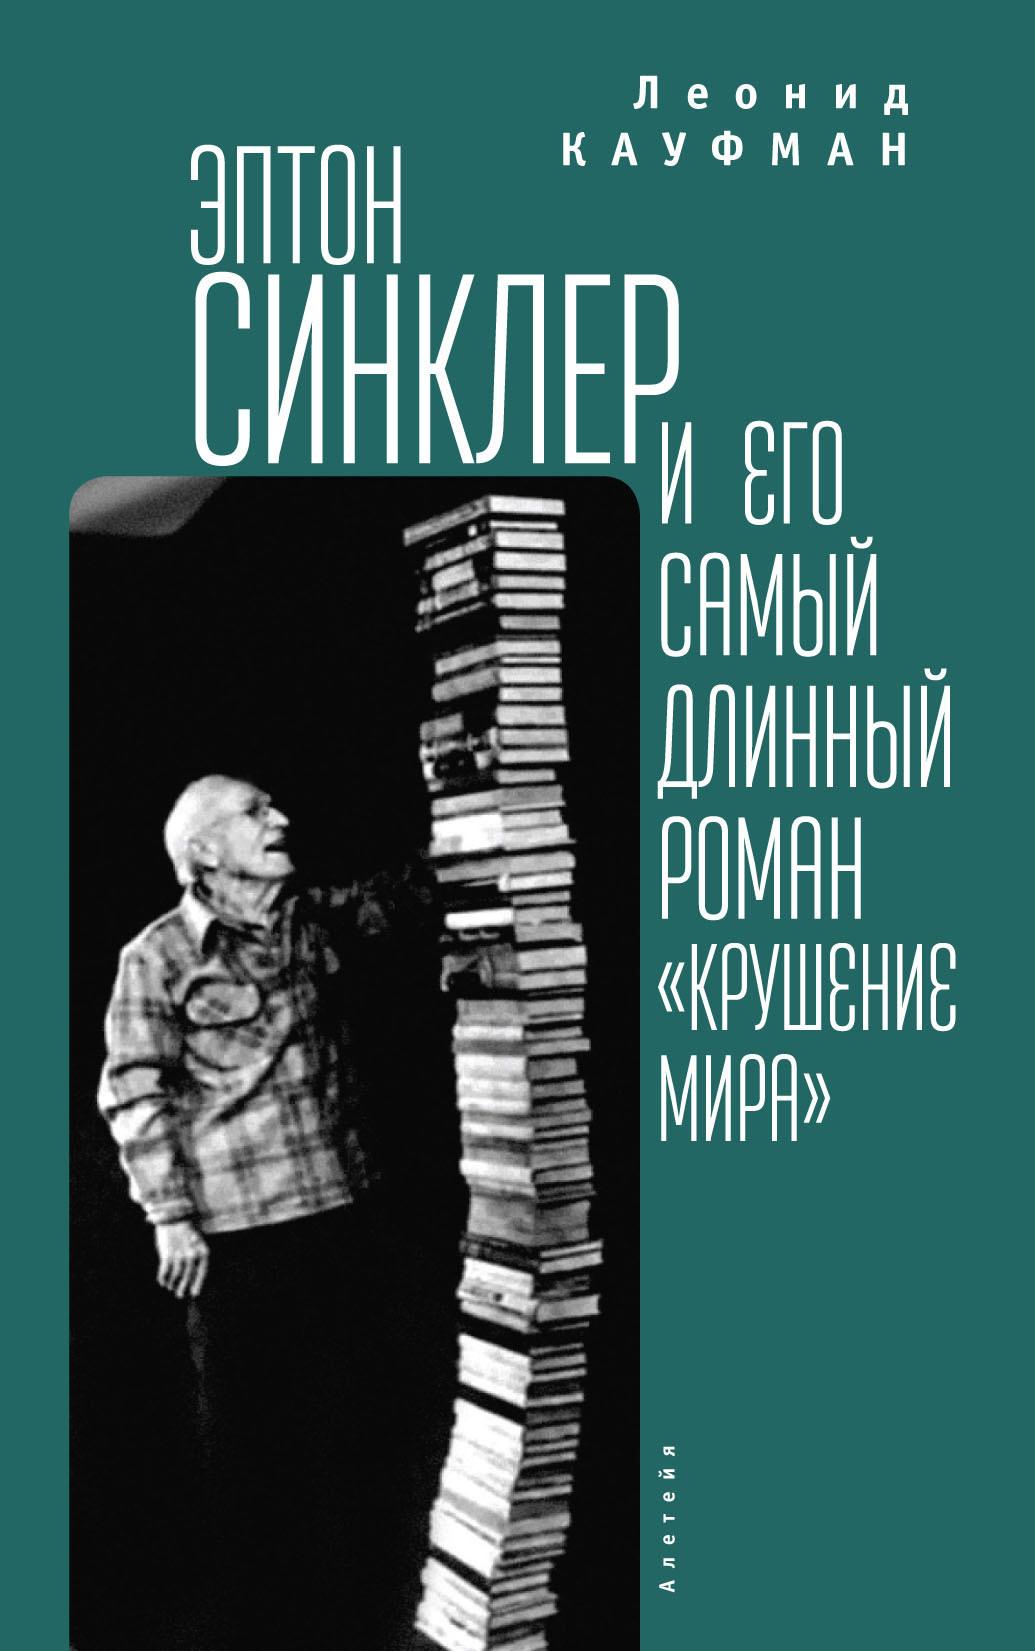 Эптон Синклер и его самый длинный роман «Крушение мира»